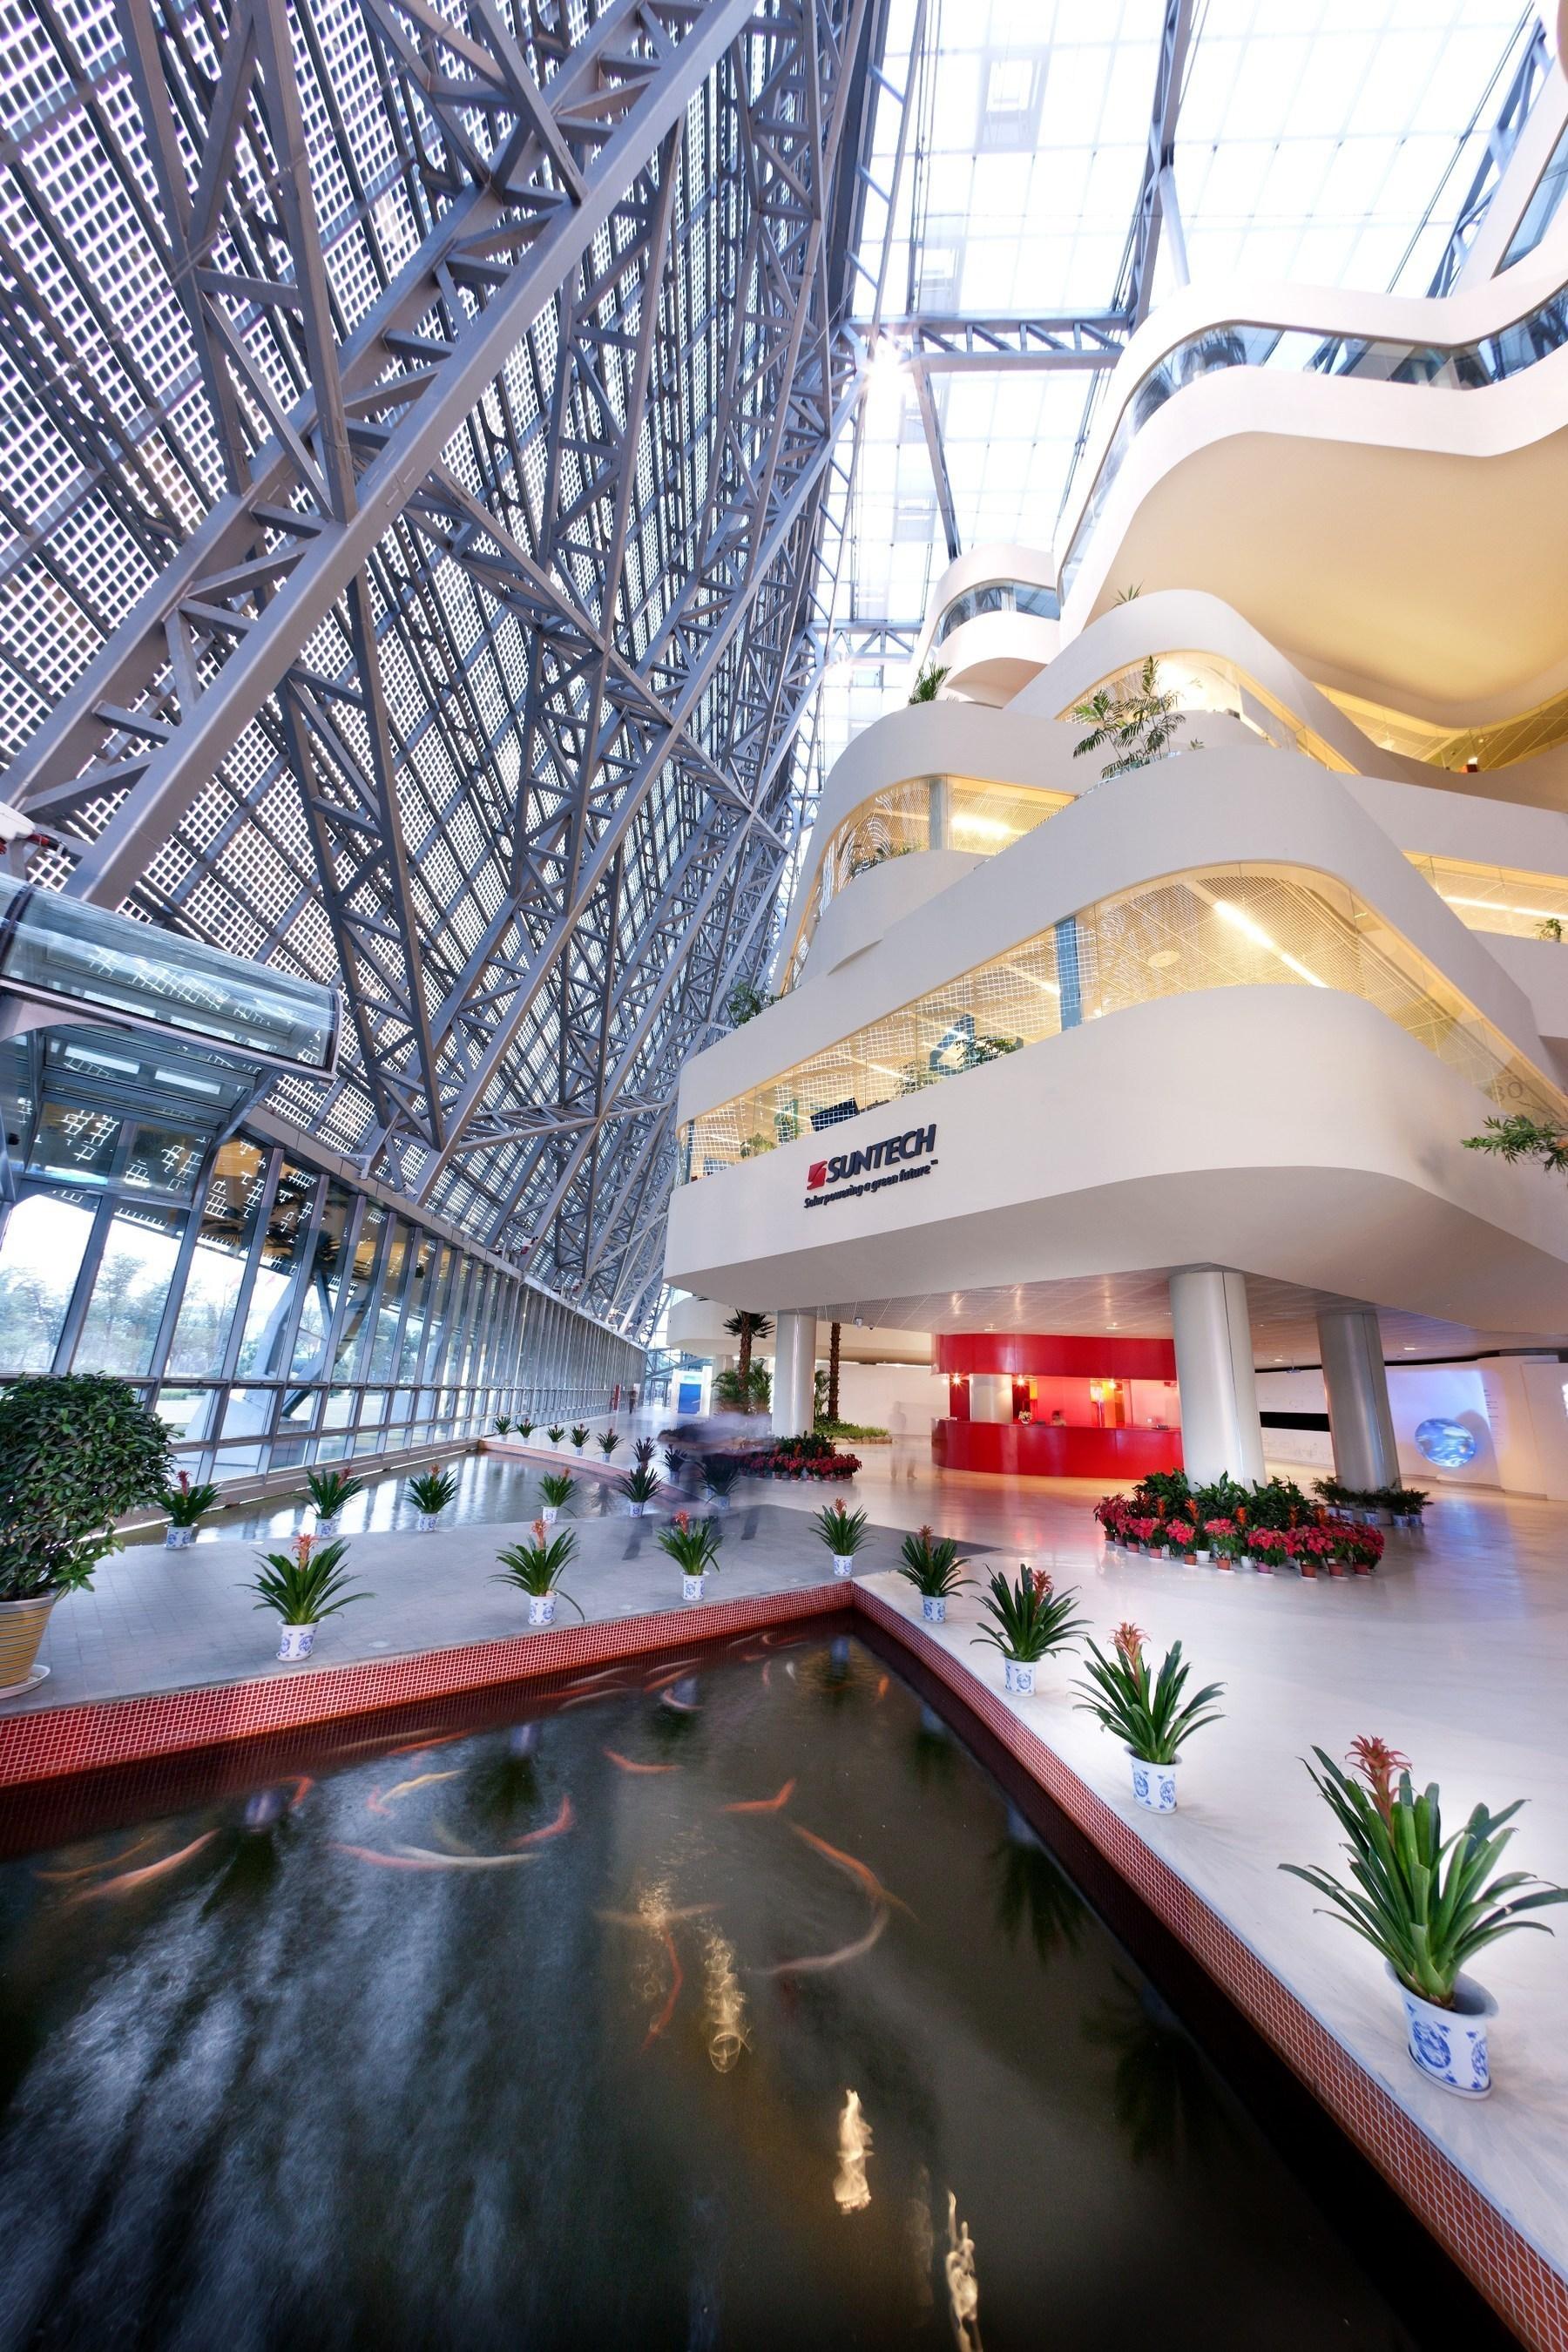 Bloomberg New Energy Finance indica Suntech come fornitore leader di moduli fotovoltaici nel 2015